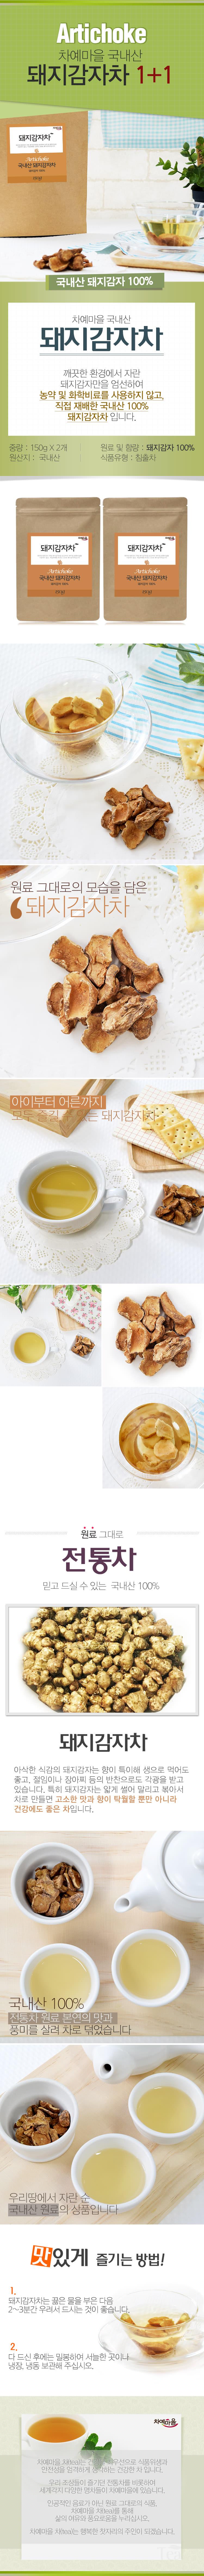 [ InterTeeHandel ] [ChayeTown]Korean Artichoke Tea 150g 1+1개